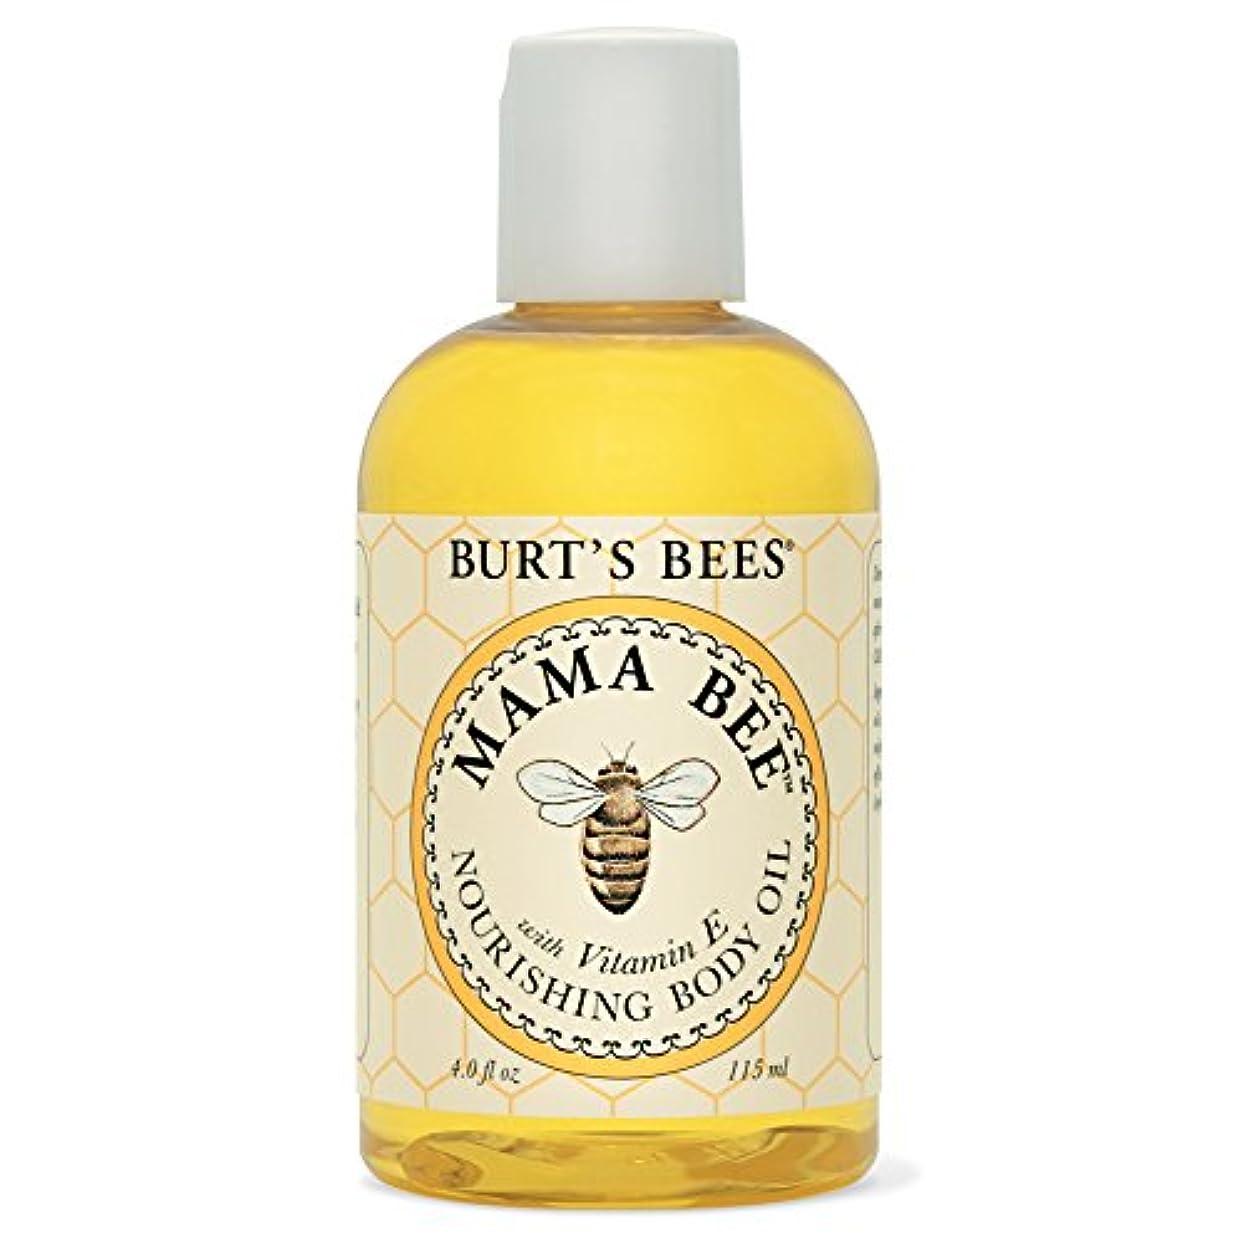 構成する豆腐階層バーツビーママ蜂栄養ボディオイル115ミリリットル (Burt's Bees) (x2) - Burt's Bees Mama Bee Nourishing Body Oil 115ml (Pack of 2) [並行輸入品]